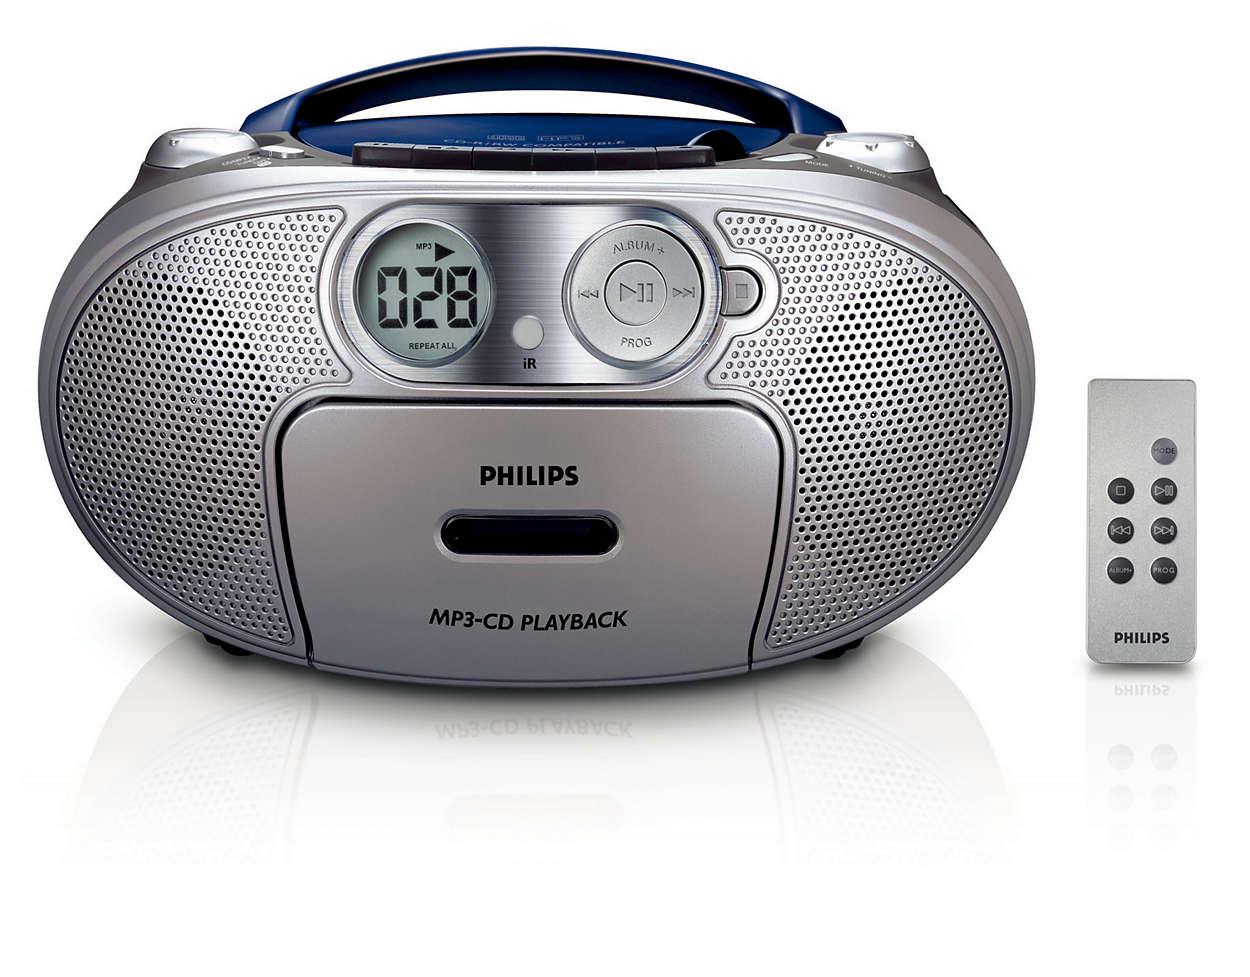 รวมไว้ในเครื่องเดียว ฟังเพลง MP3 พร้อมเสียงเบสที่มีพลัง